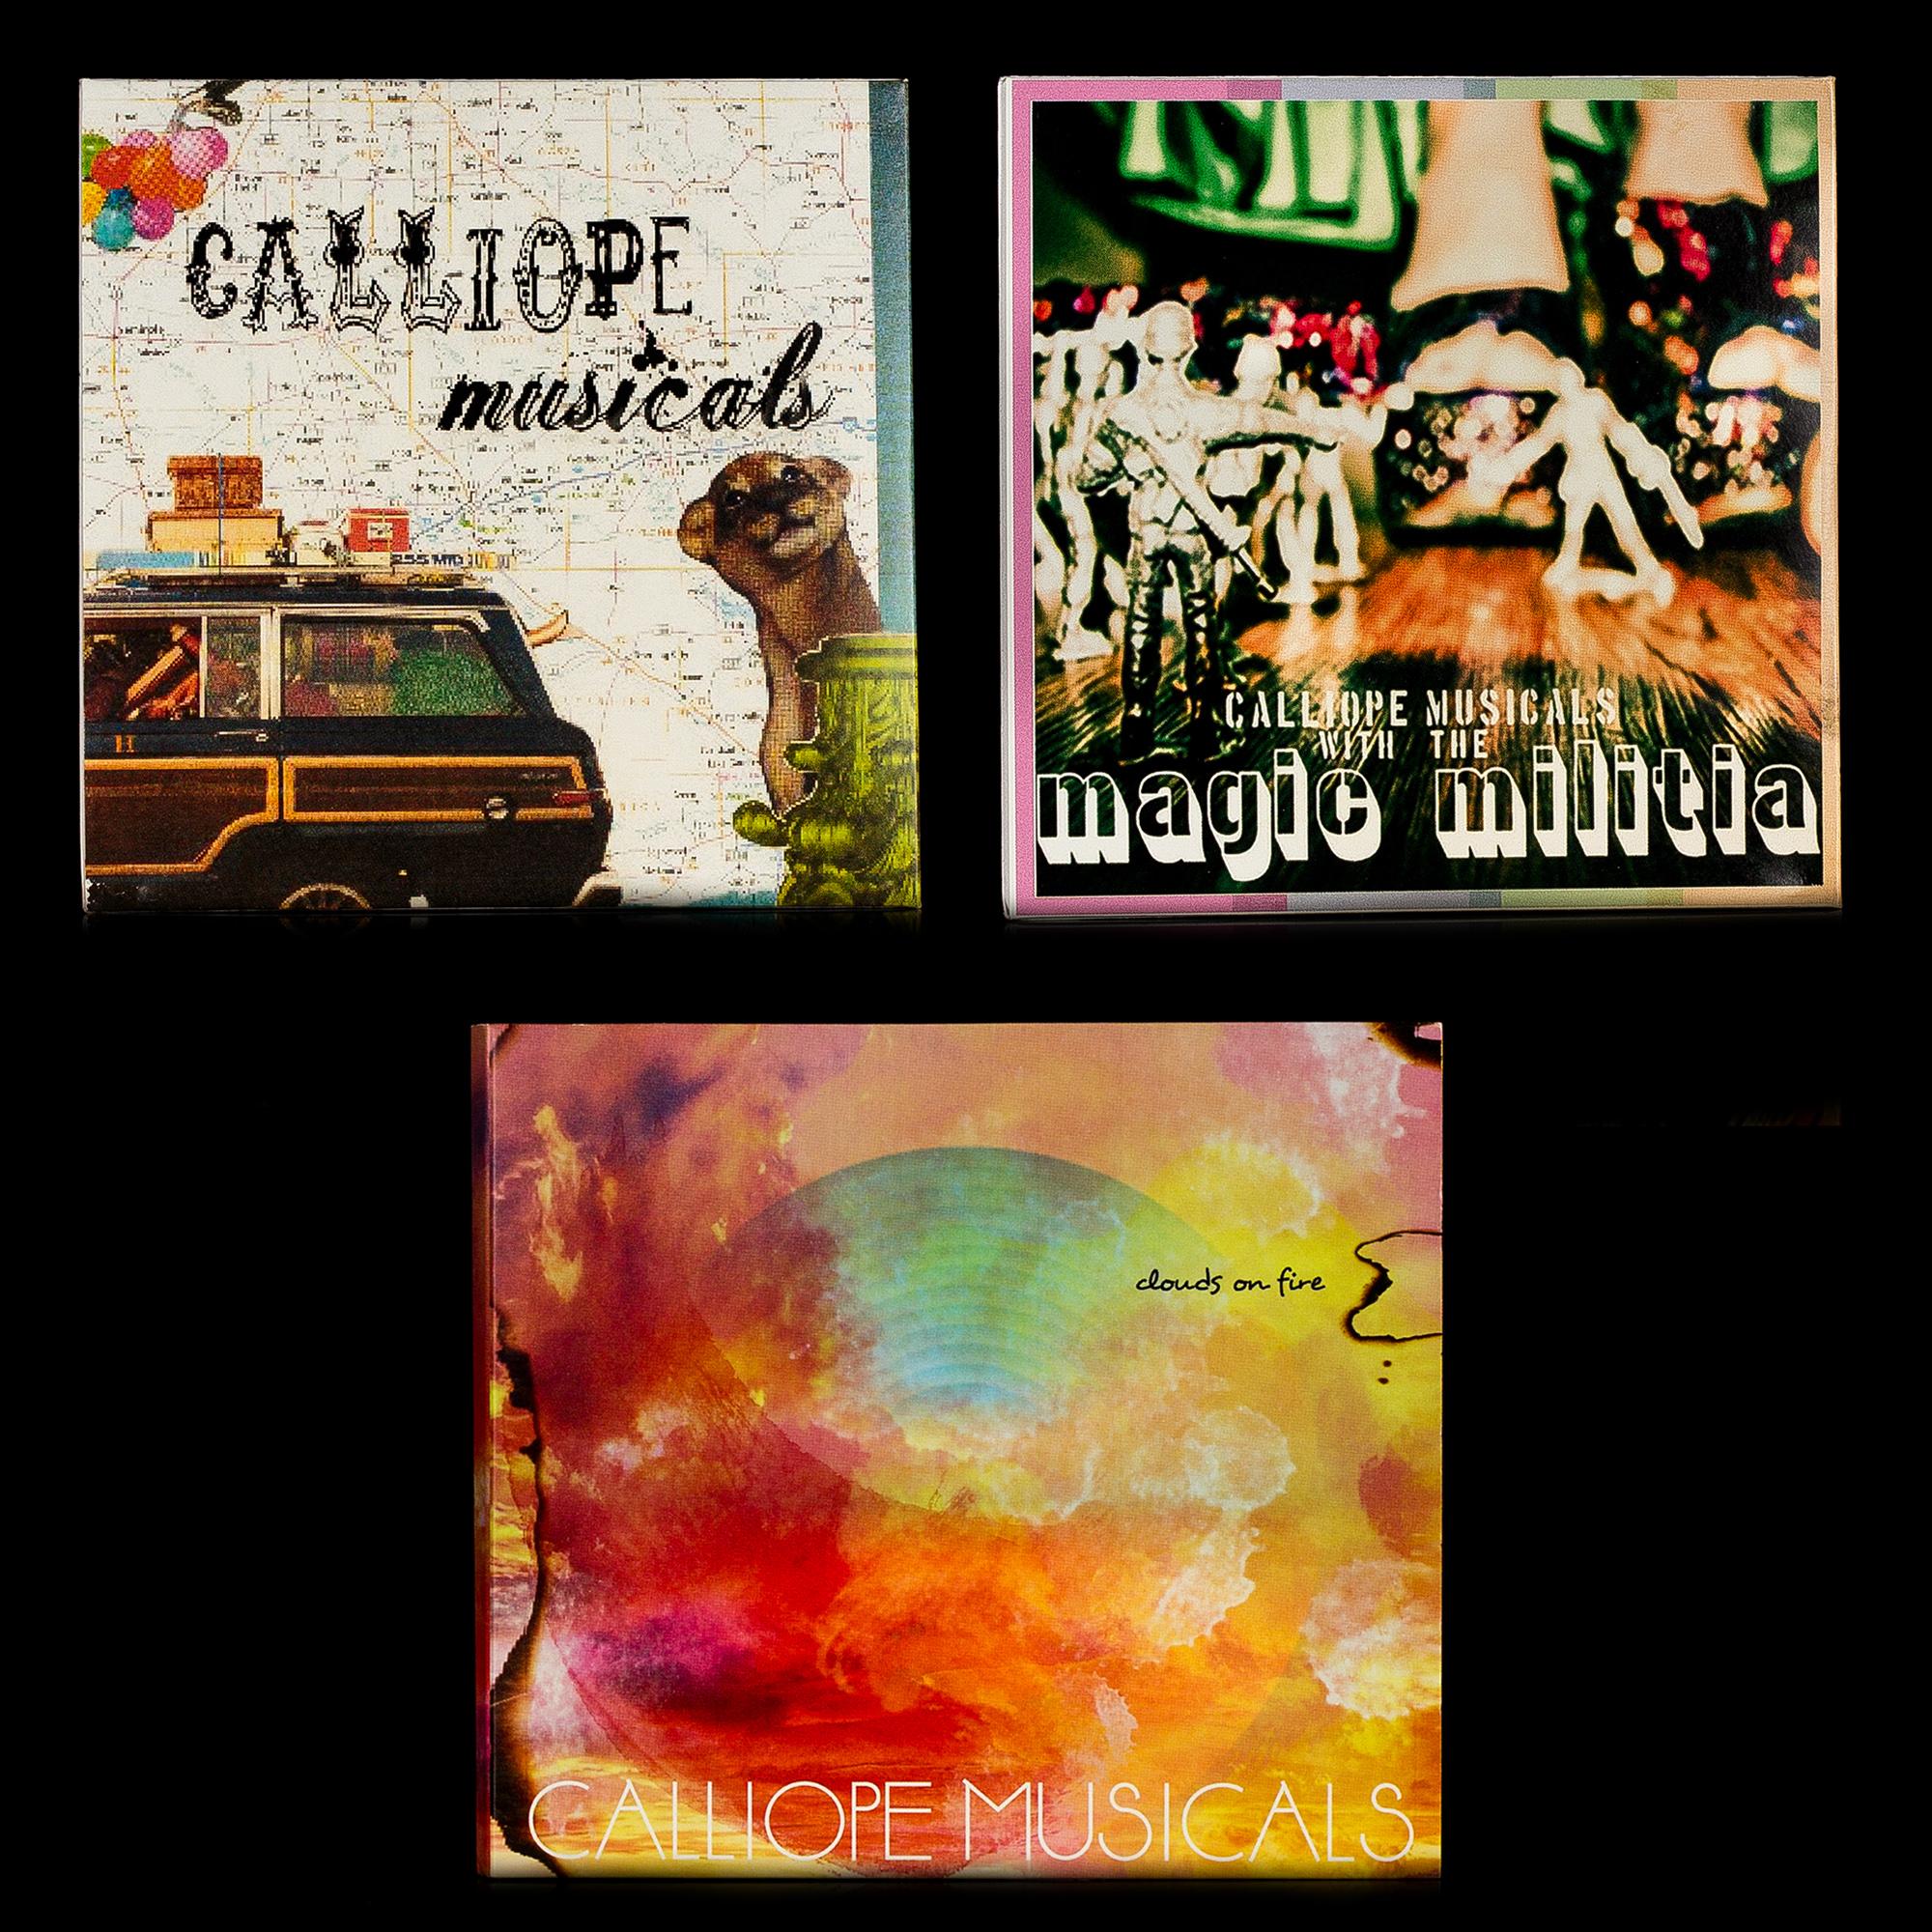 3 CD Bundle! (Clouds on Fire, Magic Militia & Calliope Musicals EP) - $15